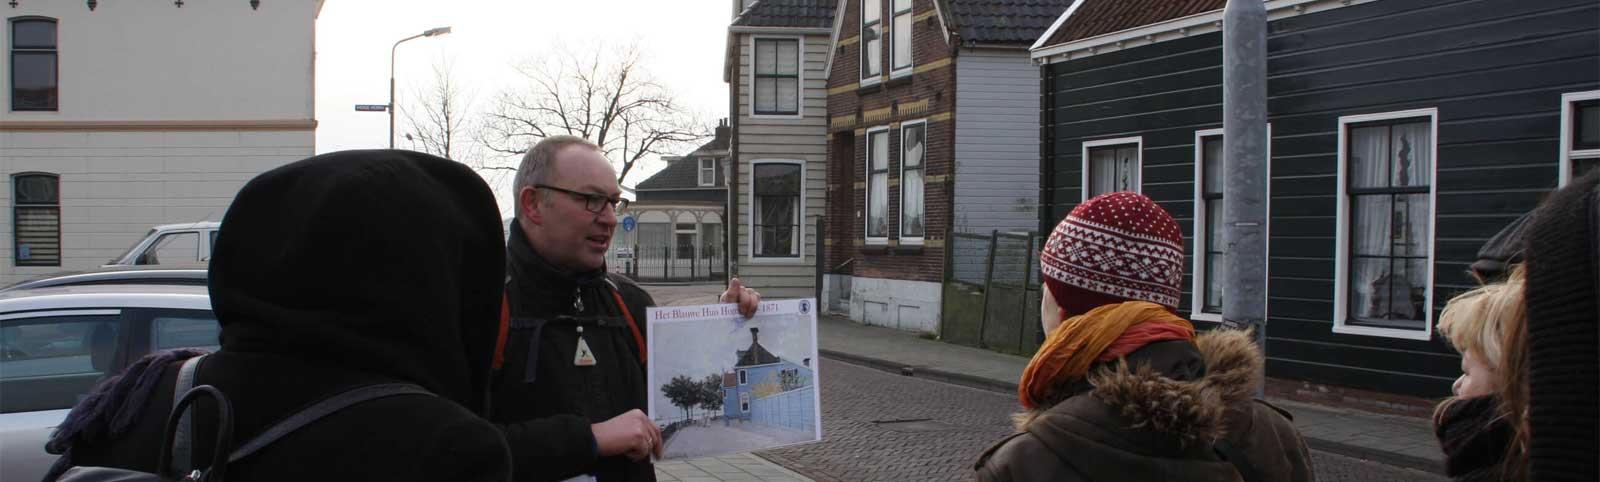 MonetSafari in Zaandam bij het blauwe huis